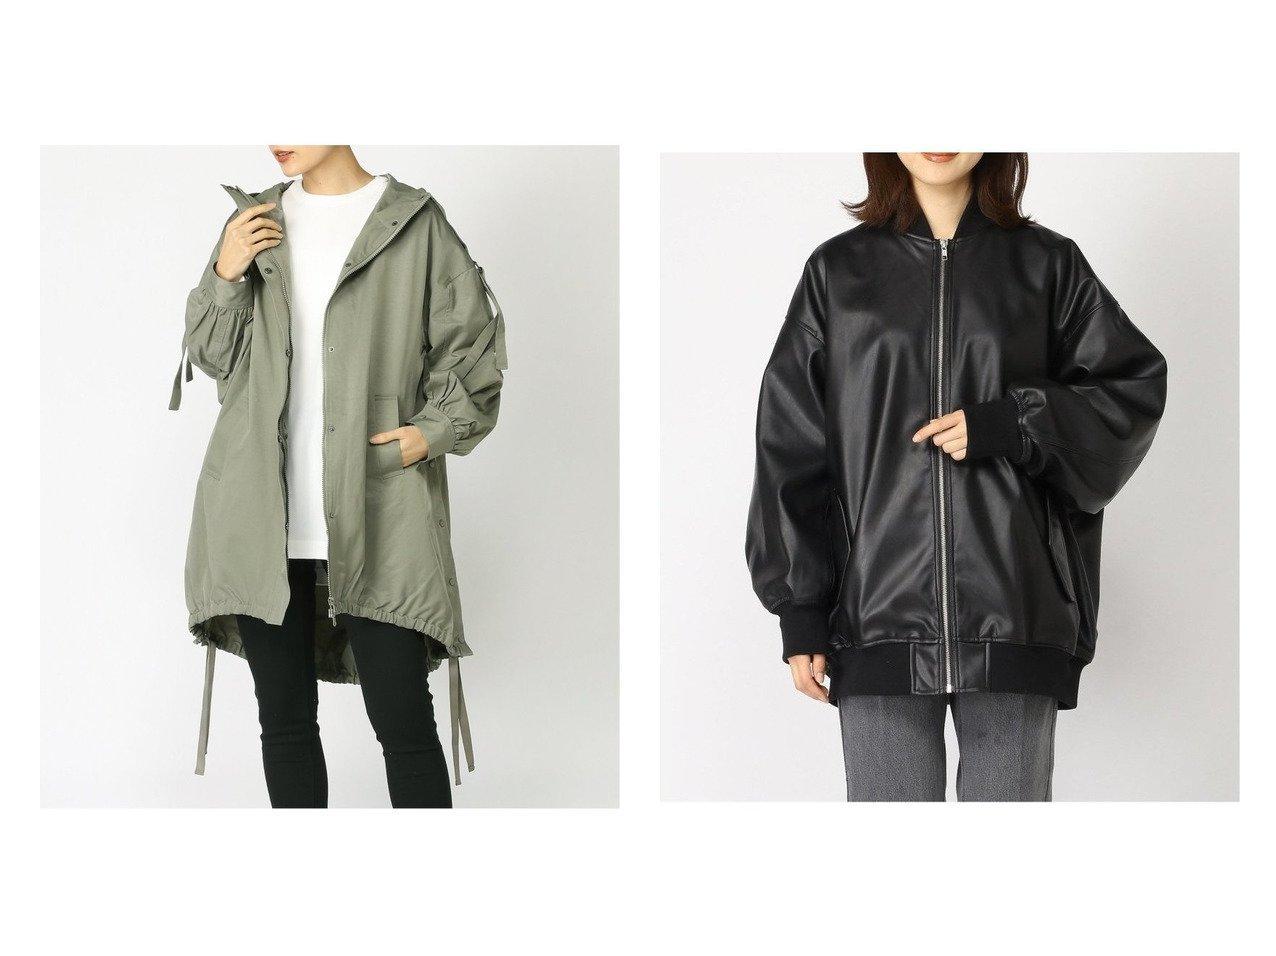 【JEANASiS/ジーナシス】のレザーMA1&モンスターパーカー アウターのおすすめ!人気、トレンド・レディースファッションの通販 おすすめで人気の流行・トレンド、ファッションの通販商品 メンズファッション・キッズファッション・インテリア・家具・レディースファッション・服の通販 founy(ファニー) https://founy.com/ ファッション Fashion レディースファッション WOMEN アウター Coat Outerwear コート Coats ジャケット Jackets ライダース Riders Jacket NEW・新作・新着・新入荷 New Arrivals インナー ジャケット スポーツ スリット パーカー ミリタリー 春 Spring |ID:crp329100000024039